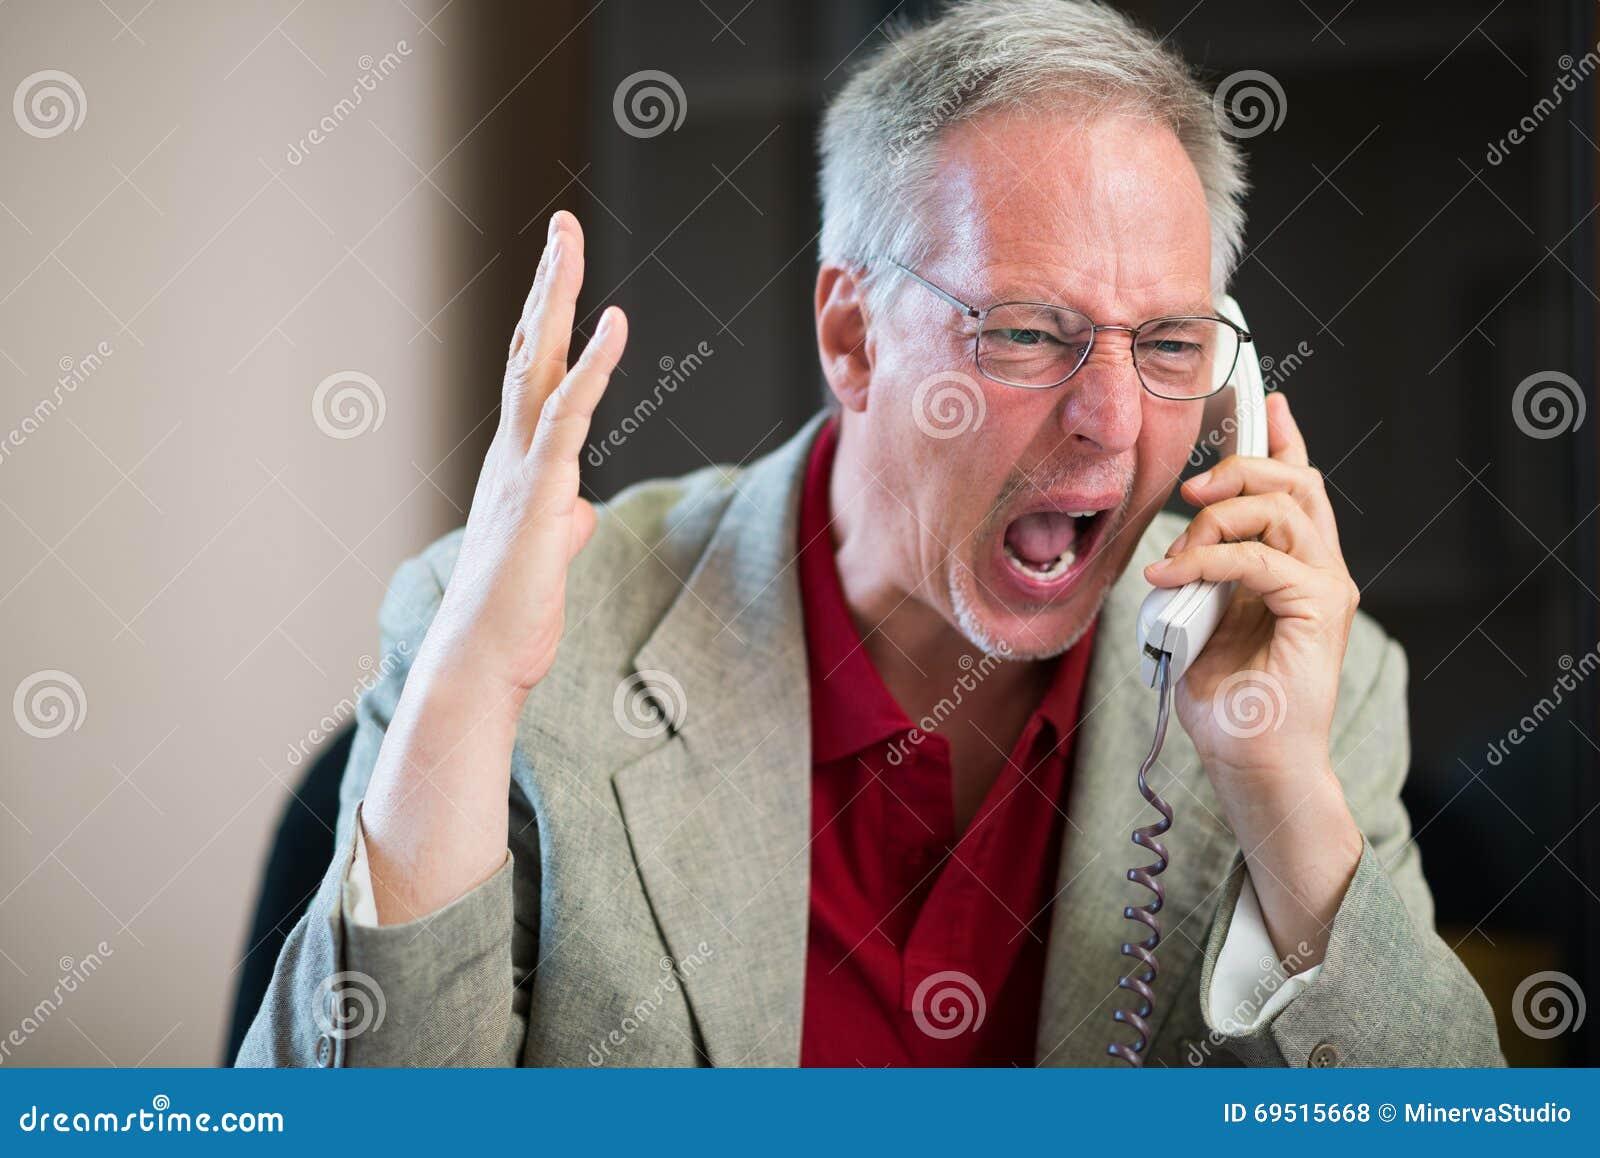 Uomo arrabbiato che urla sul telefono